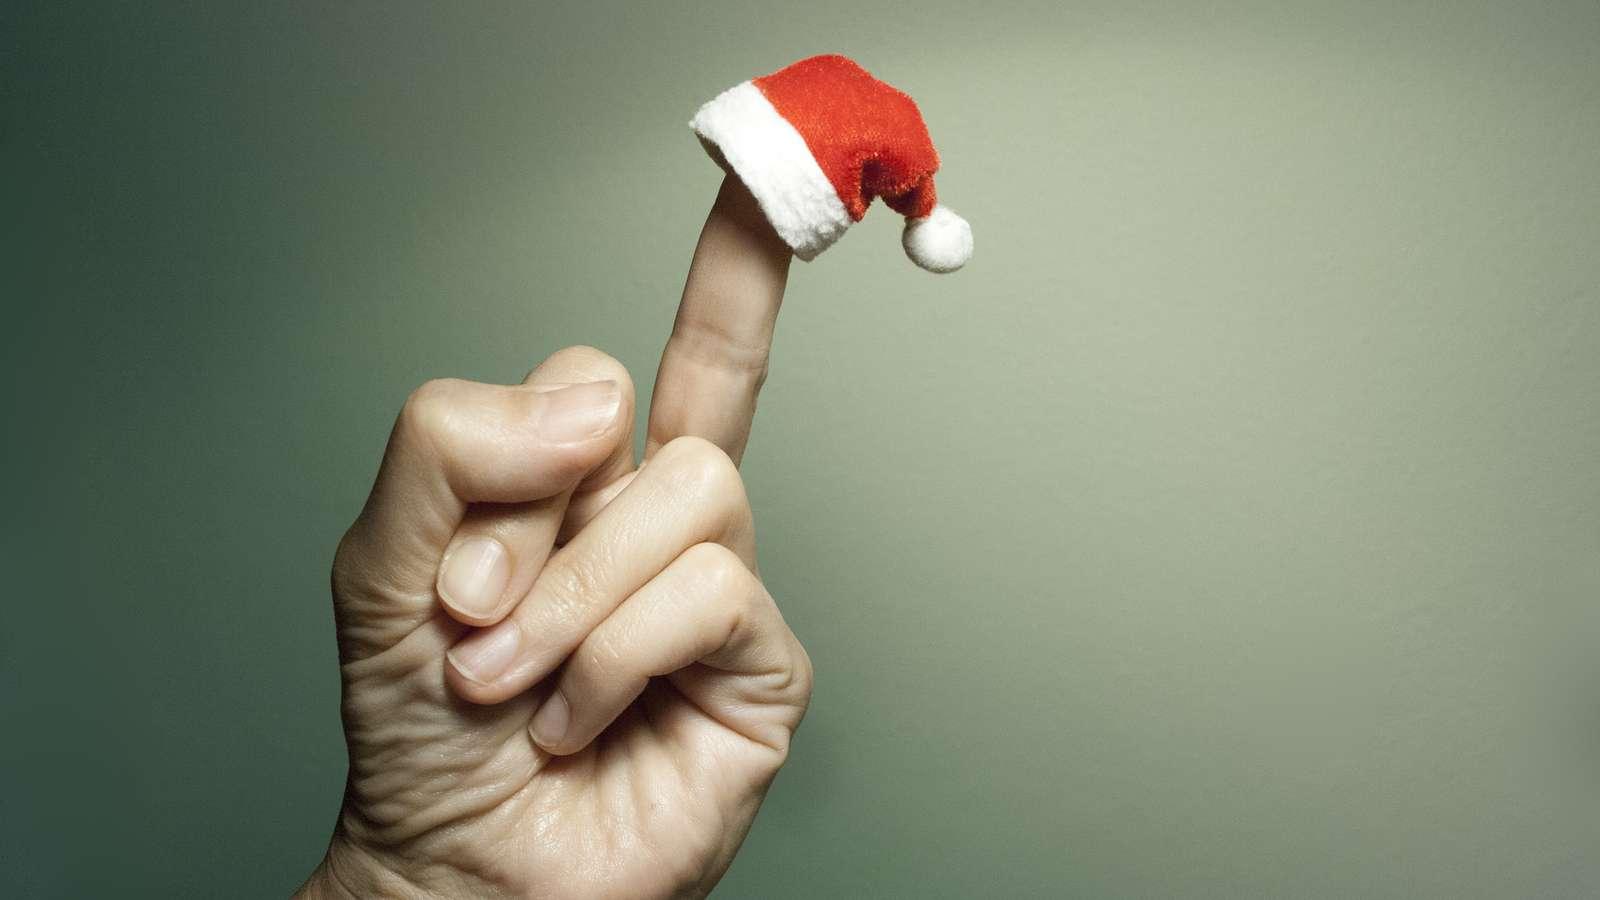 Falsche Geschenke für Weihnachten | evidero